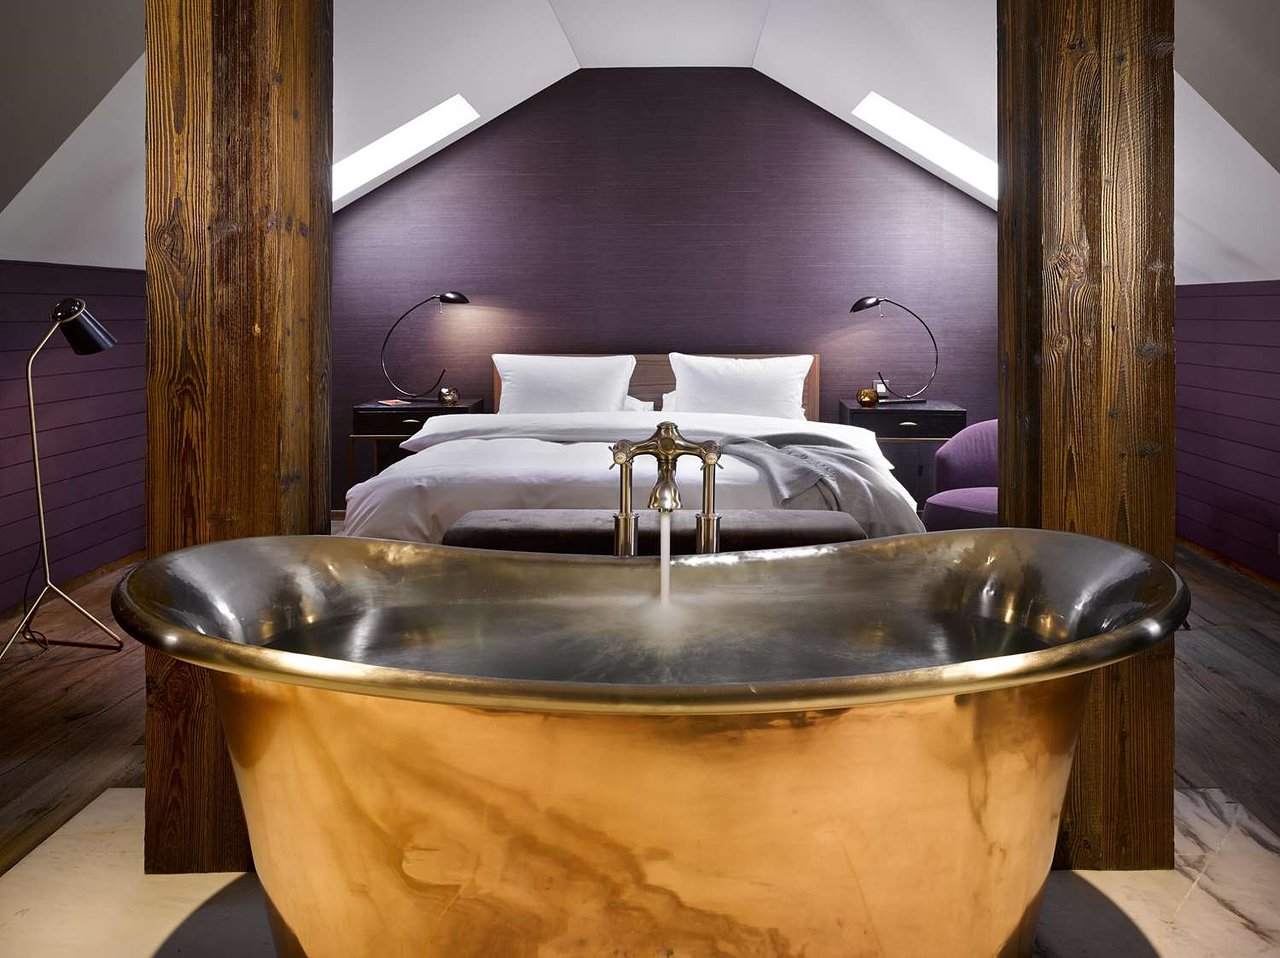 Hotel in düsseldorf mit whirlpool im zimmer